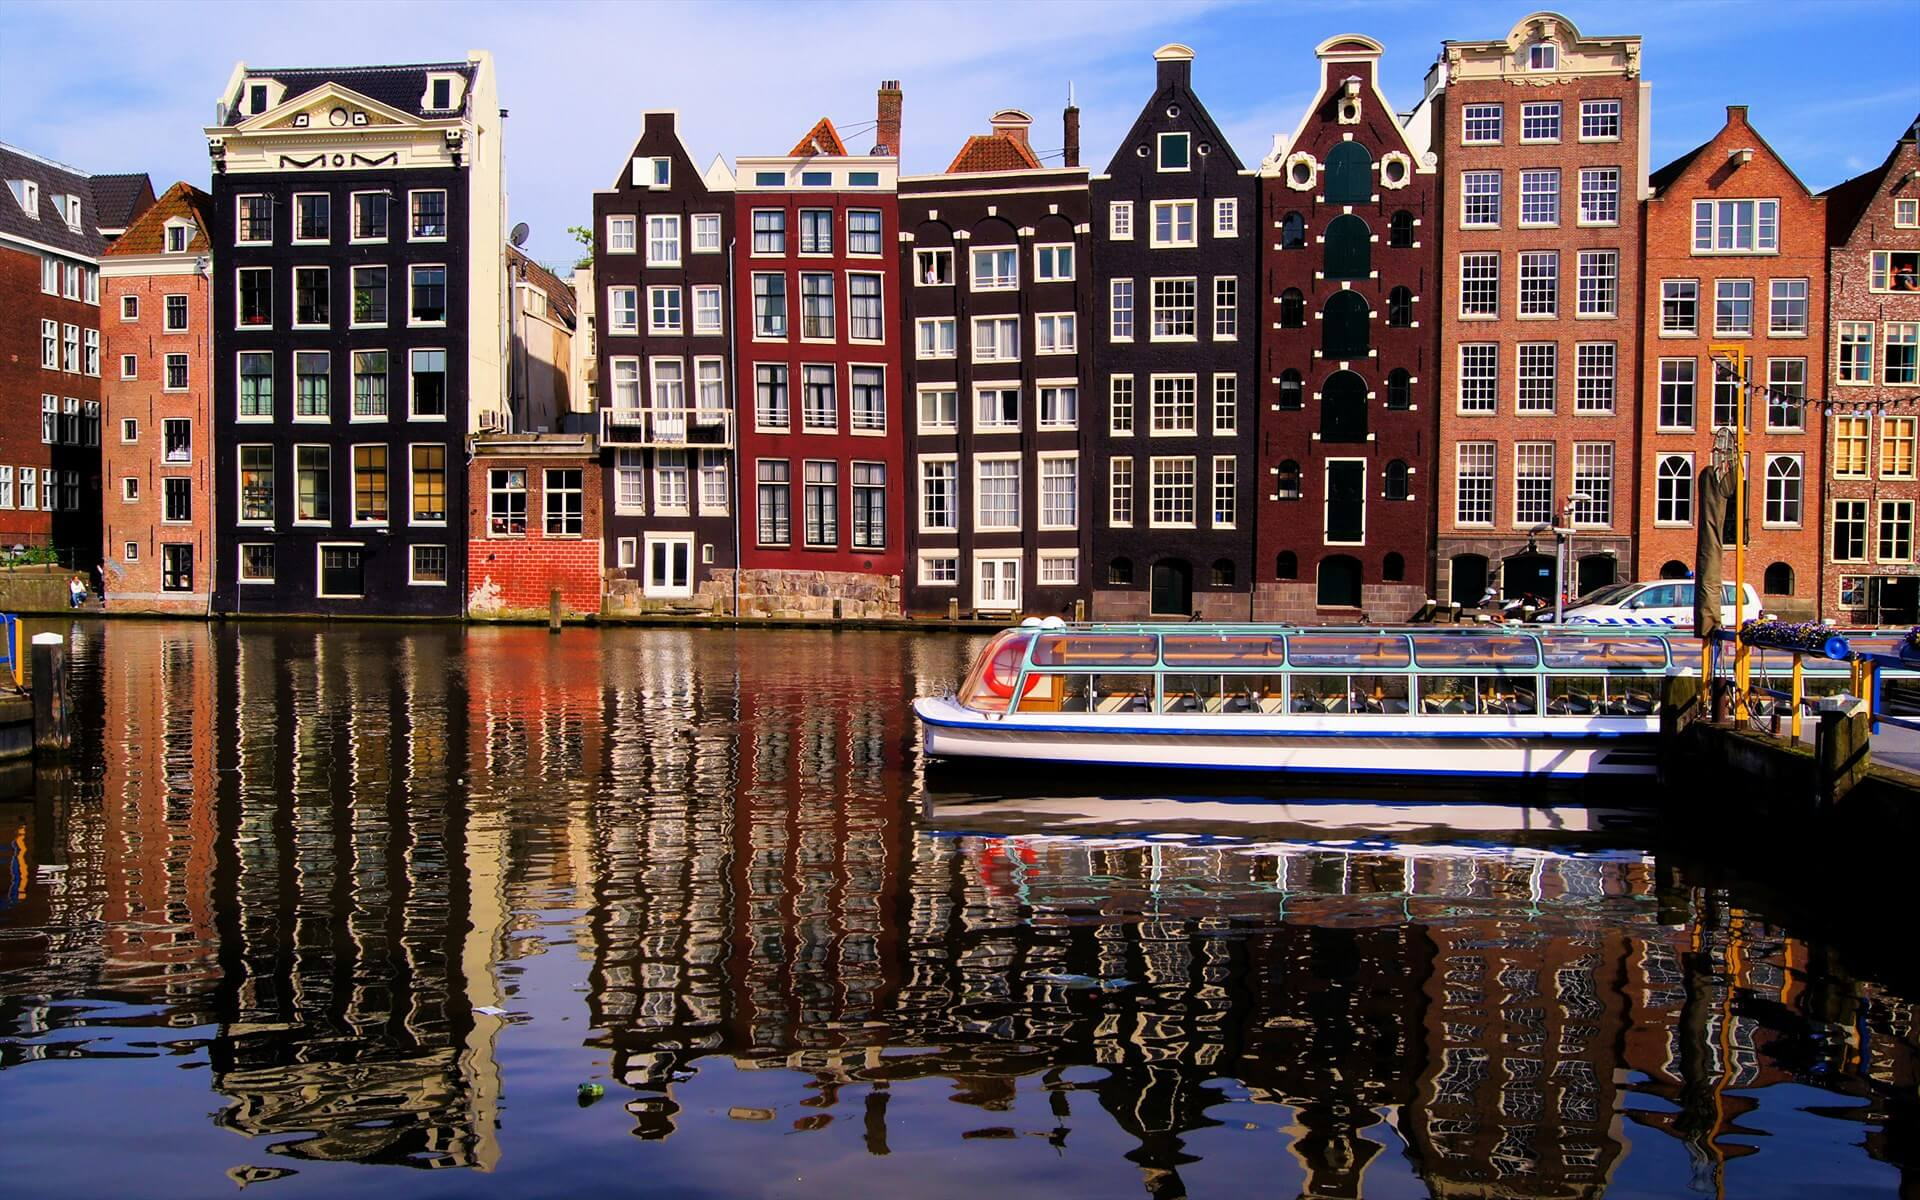 первом дом в амстердаме в картинках недорого